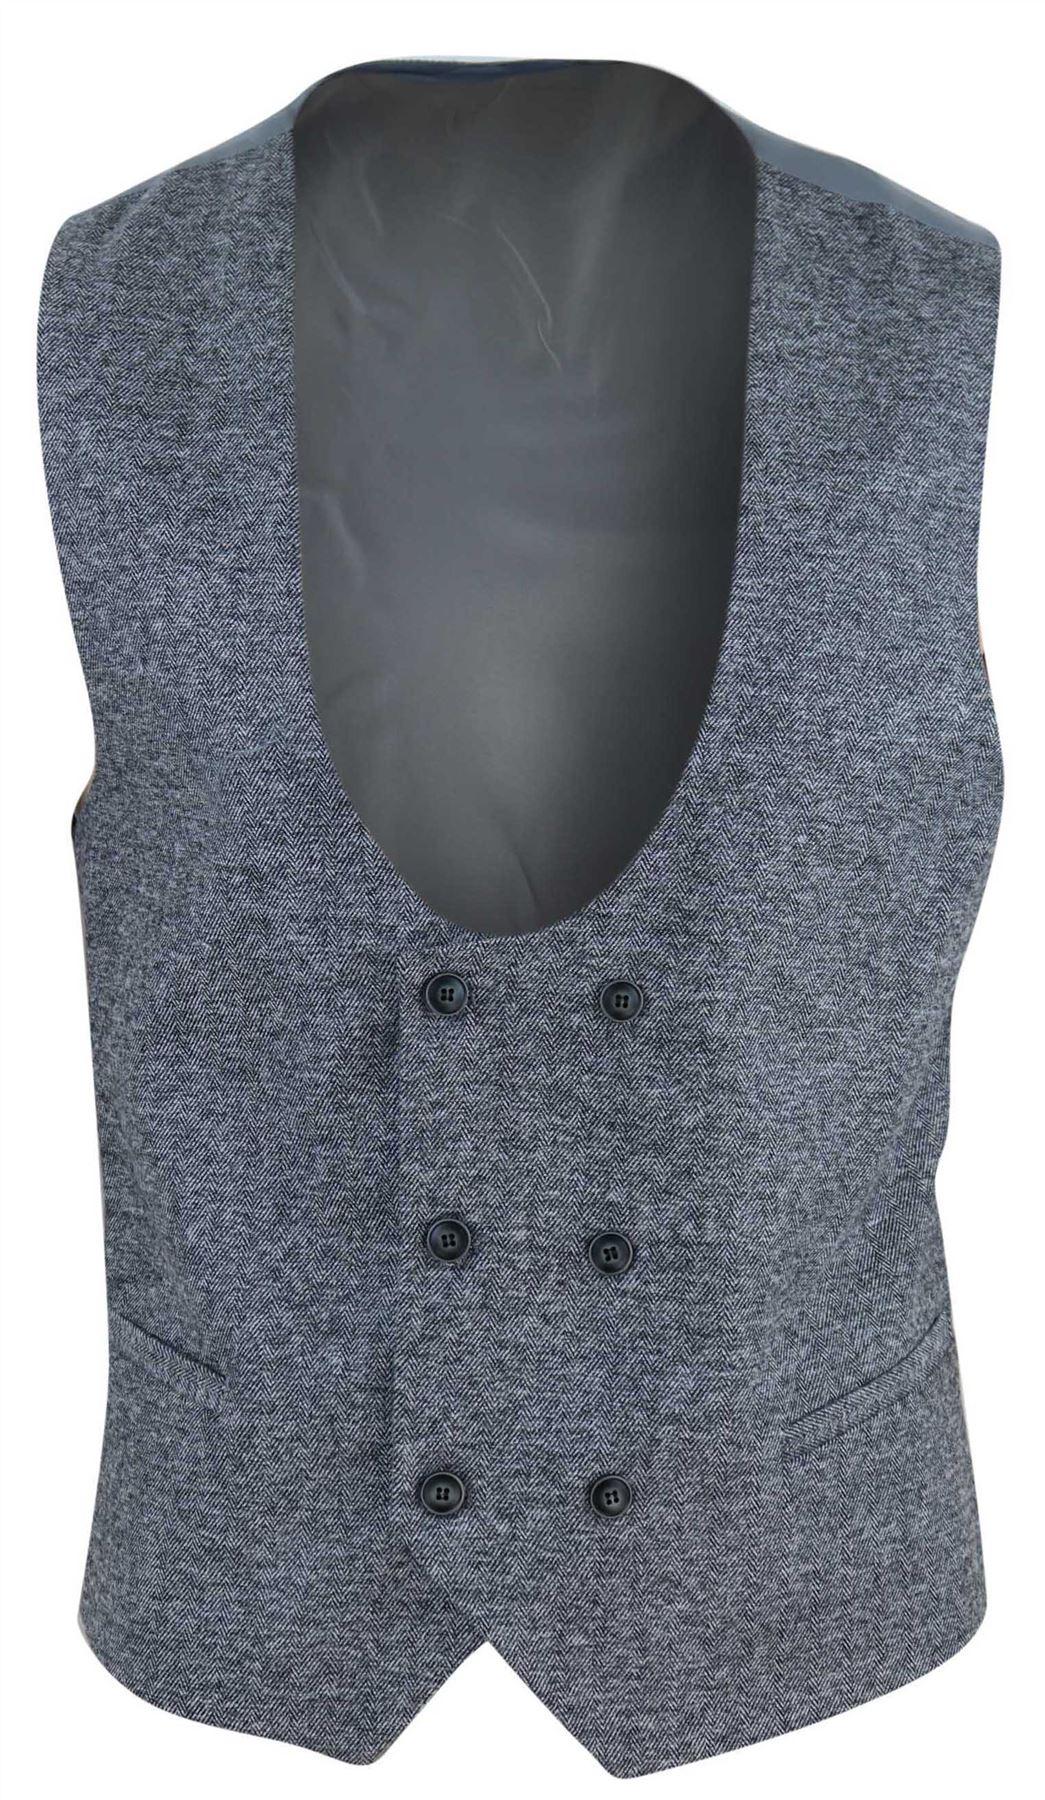 Mens Waistcoat Herringbone Double Breasted Tweed Slim Fit Peaky Blinders Gilet